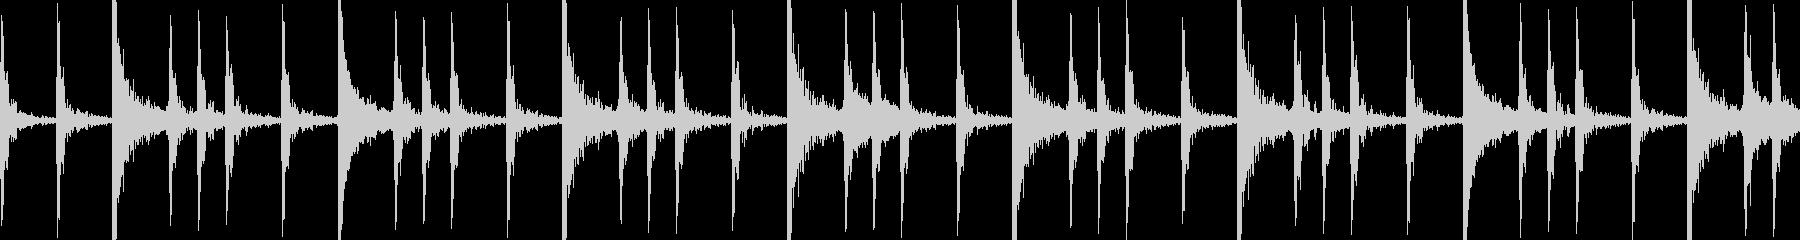 メタル系ドラムの8ビートの未再生の波形